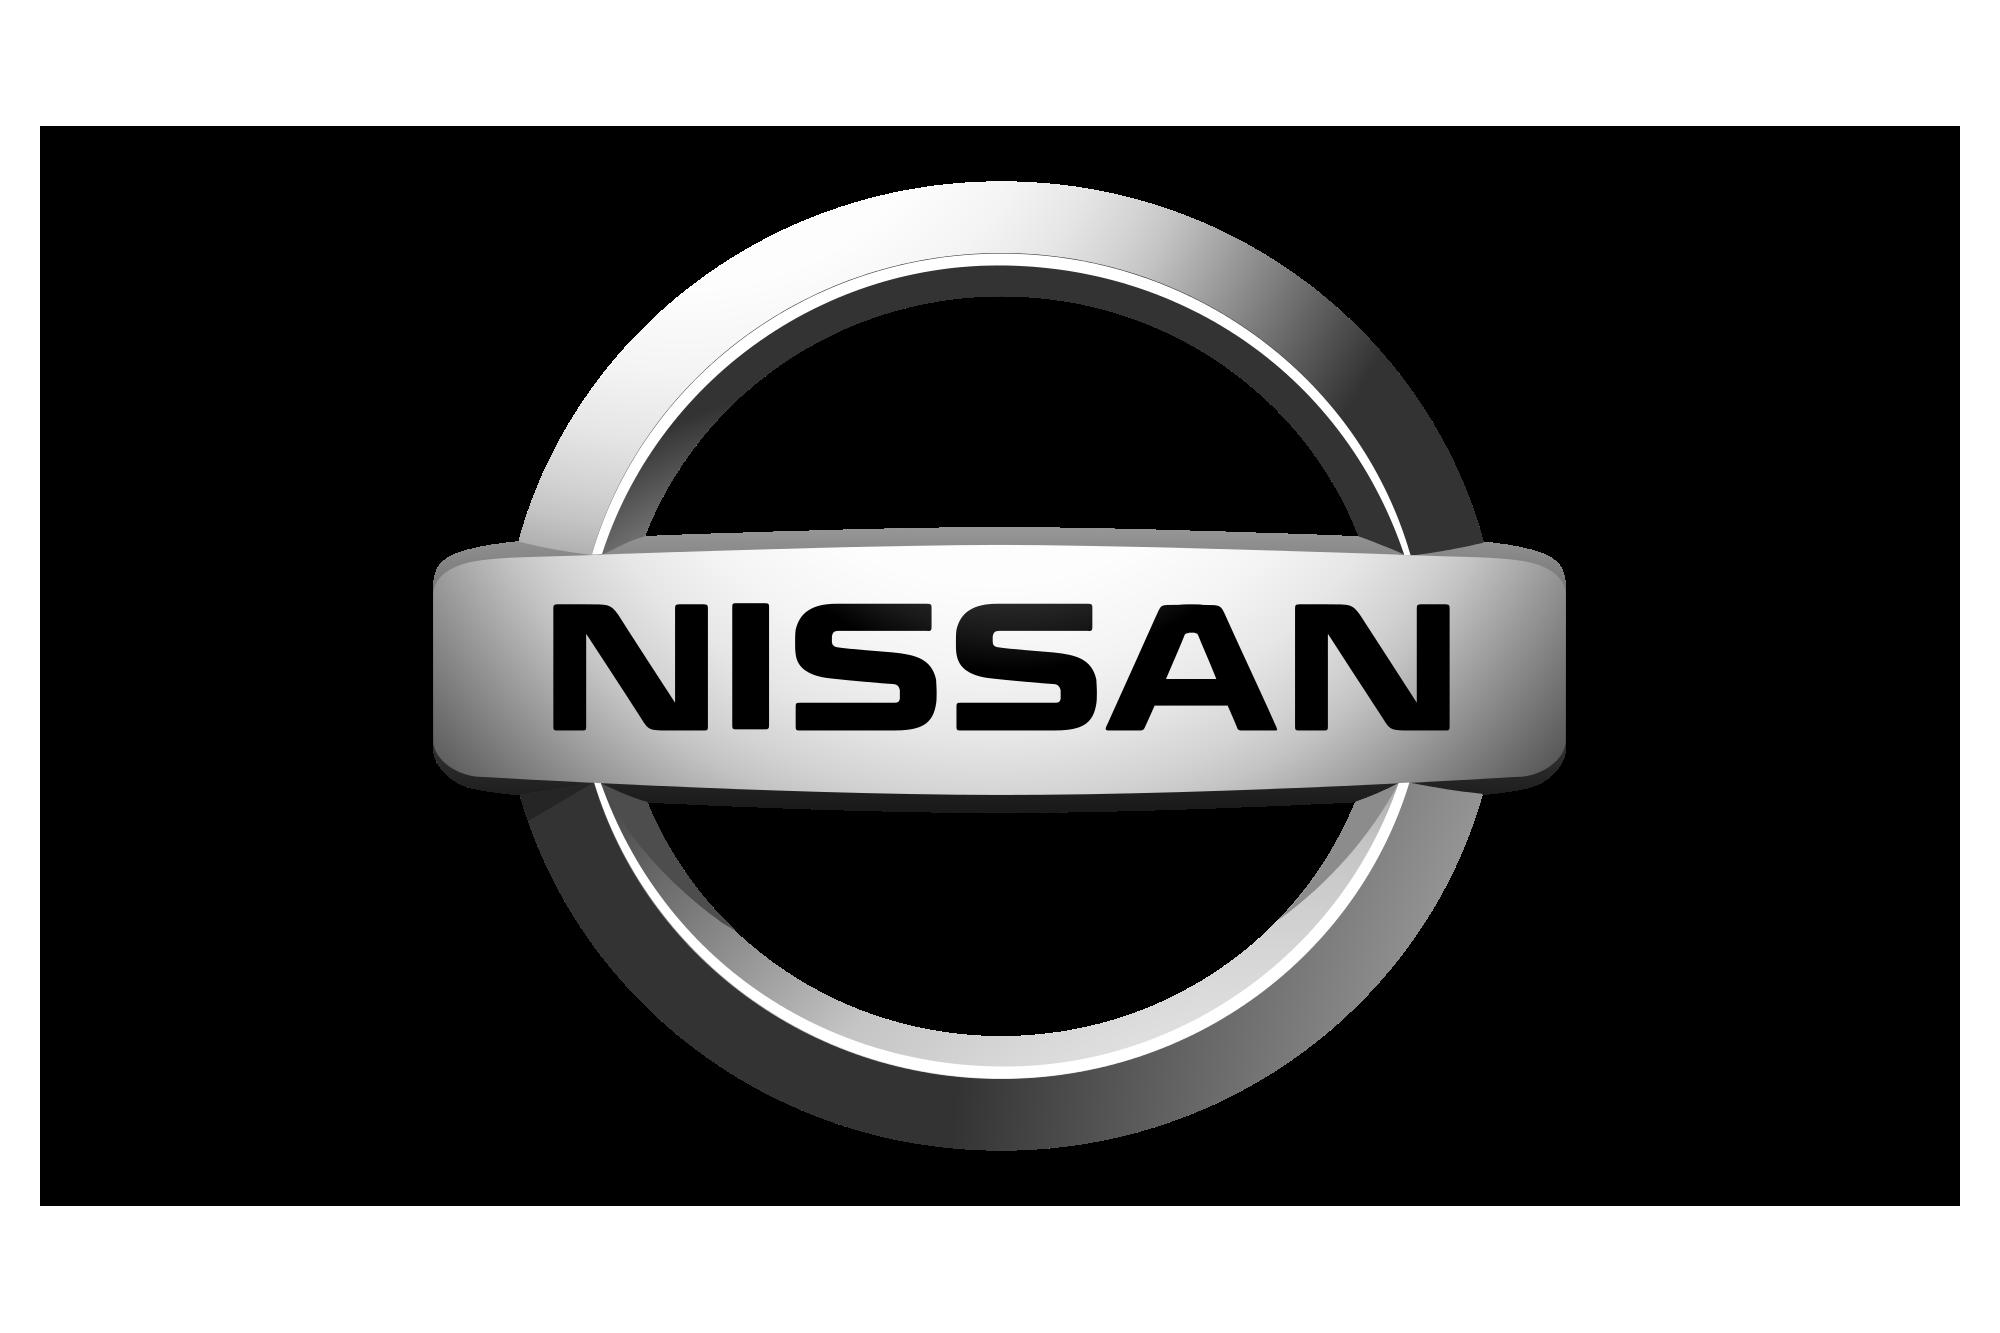 Ανακοίνωση σχετικά με την αναχώρηση του πρώην προέδρου της Nissan, από την Ιαπωνία